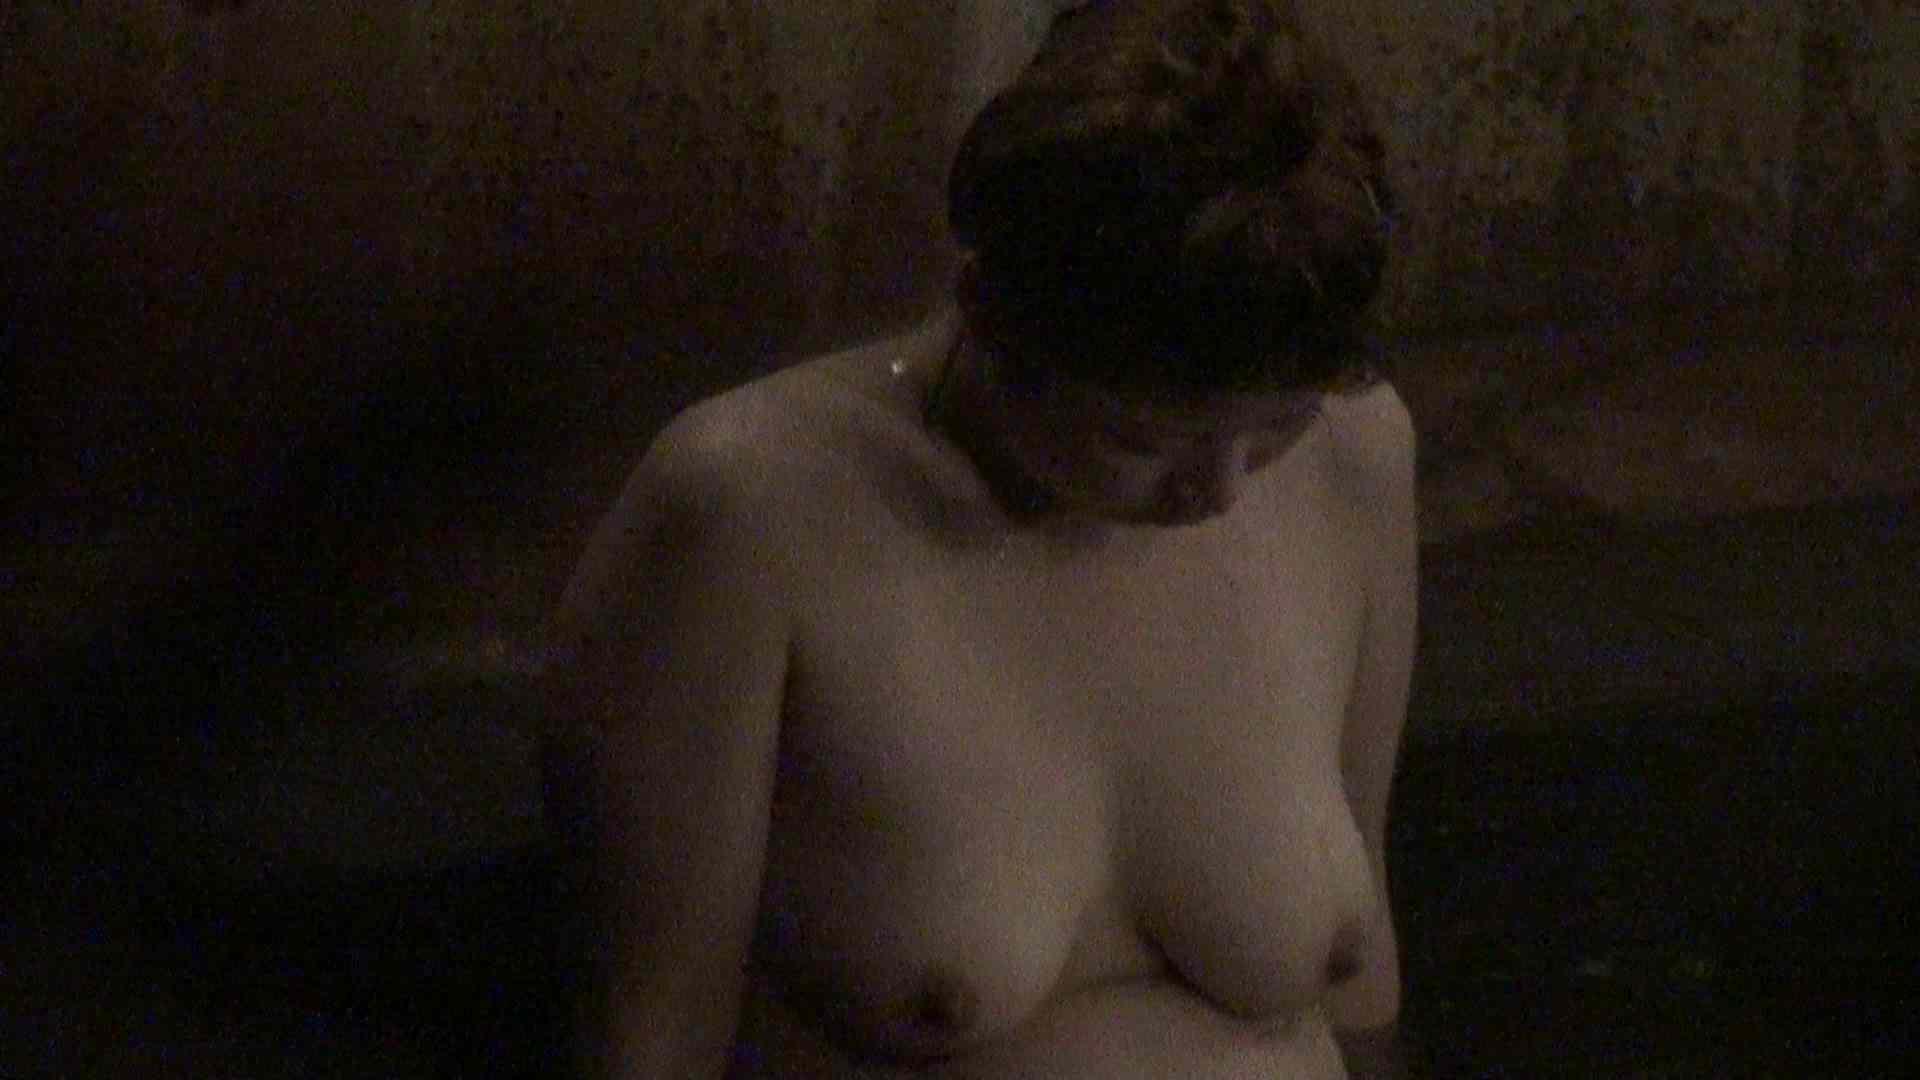 Aquaな露天風呂Vol.377 覗き 盗み撮り動画 111PIX 104